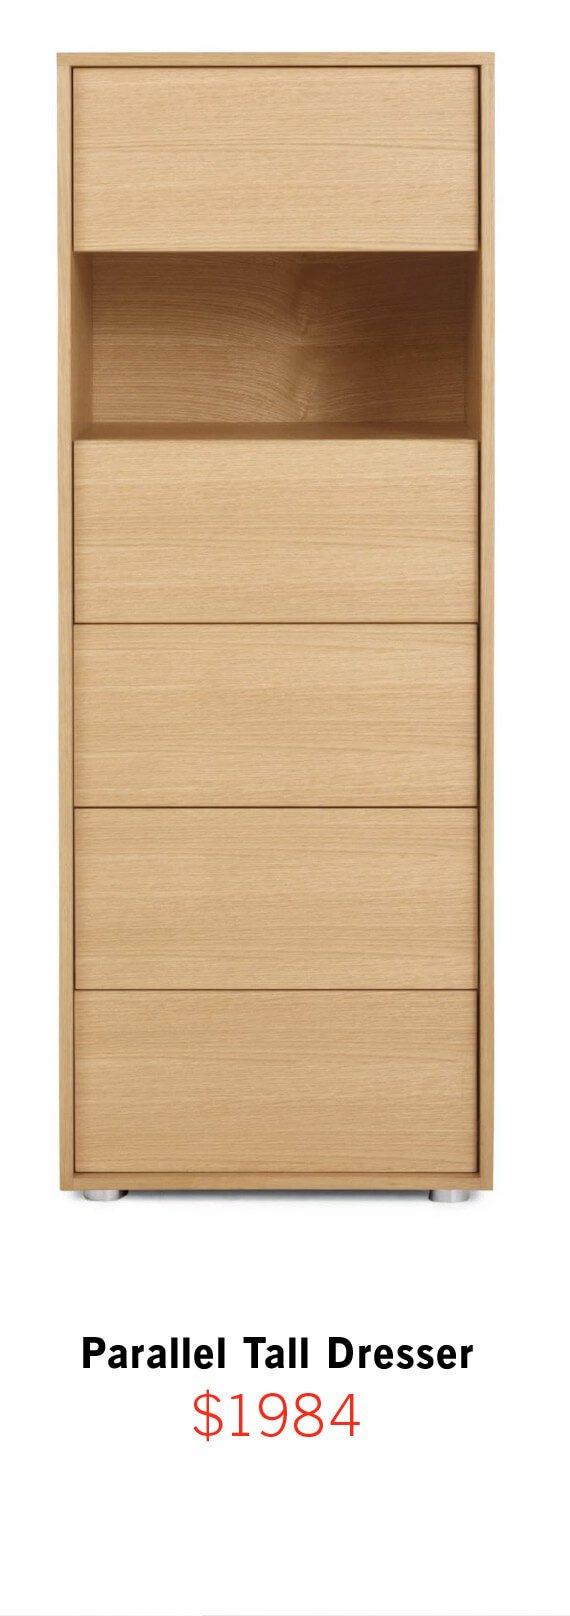 Parallel Tall Dresser